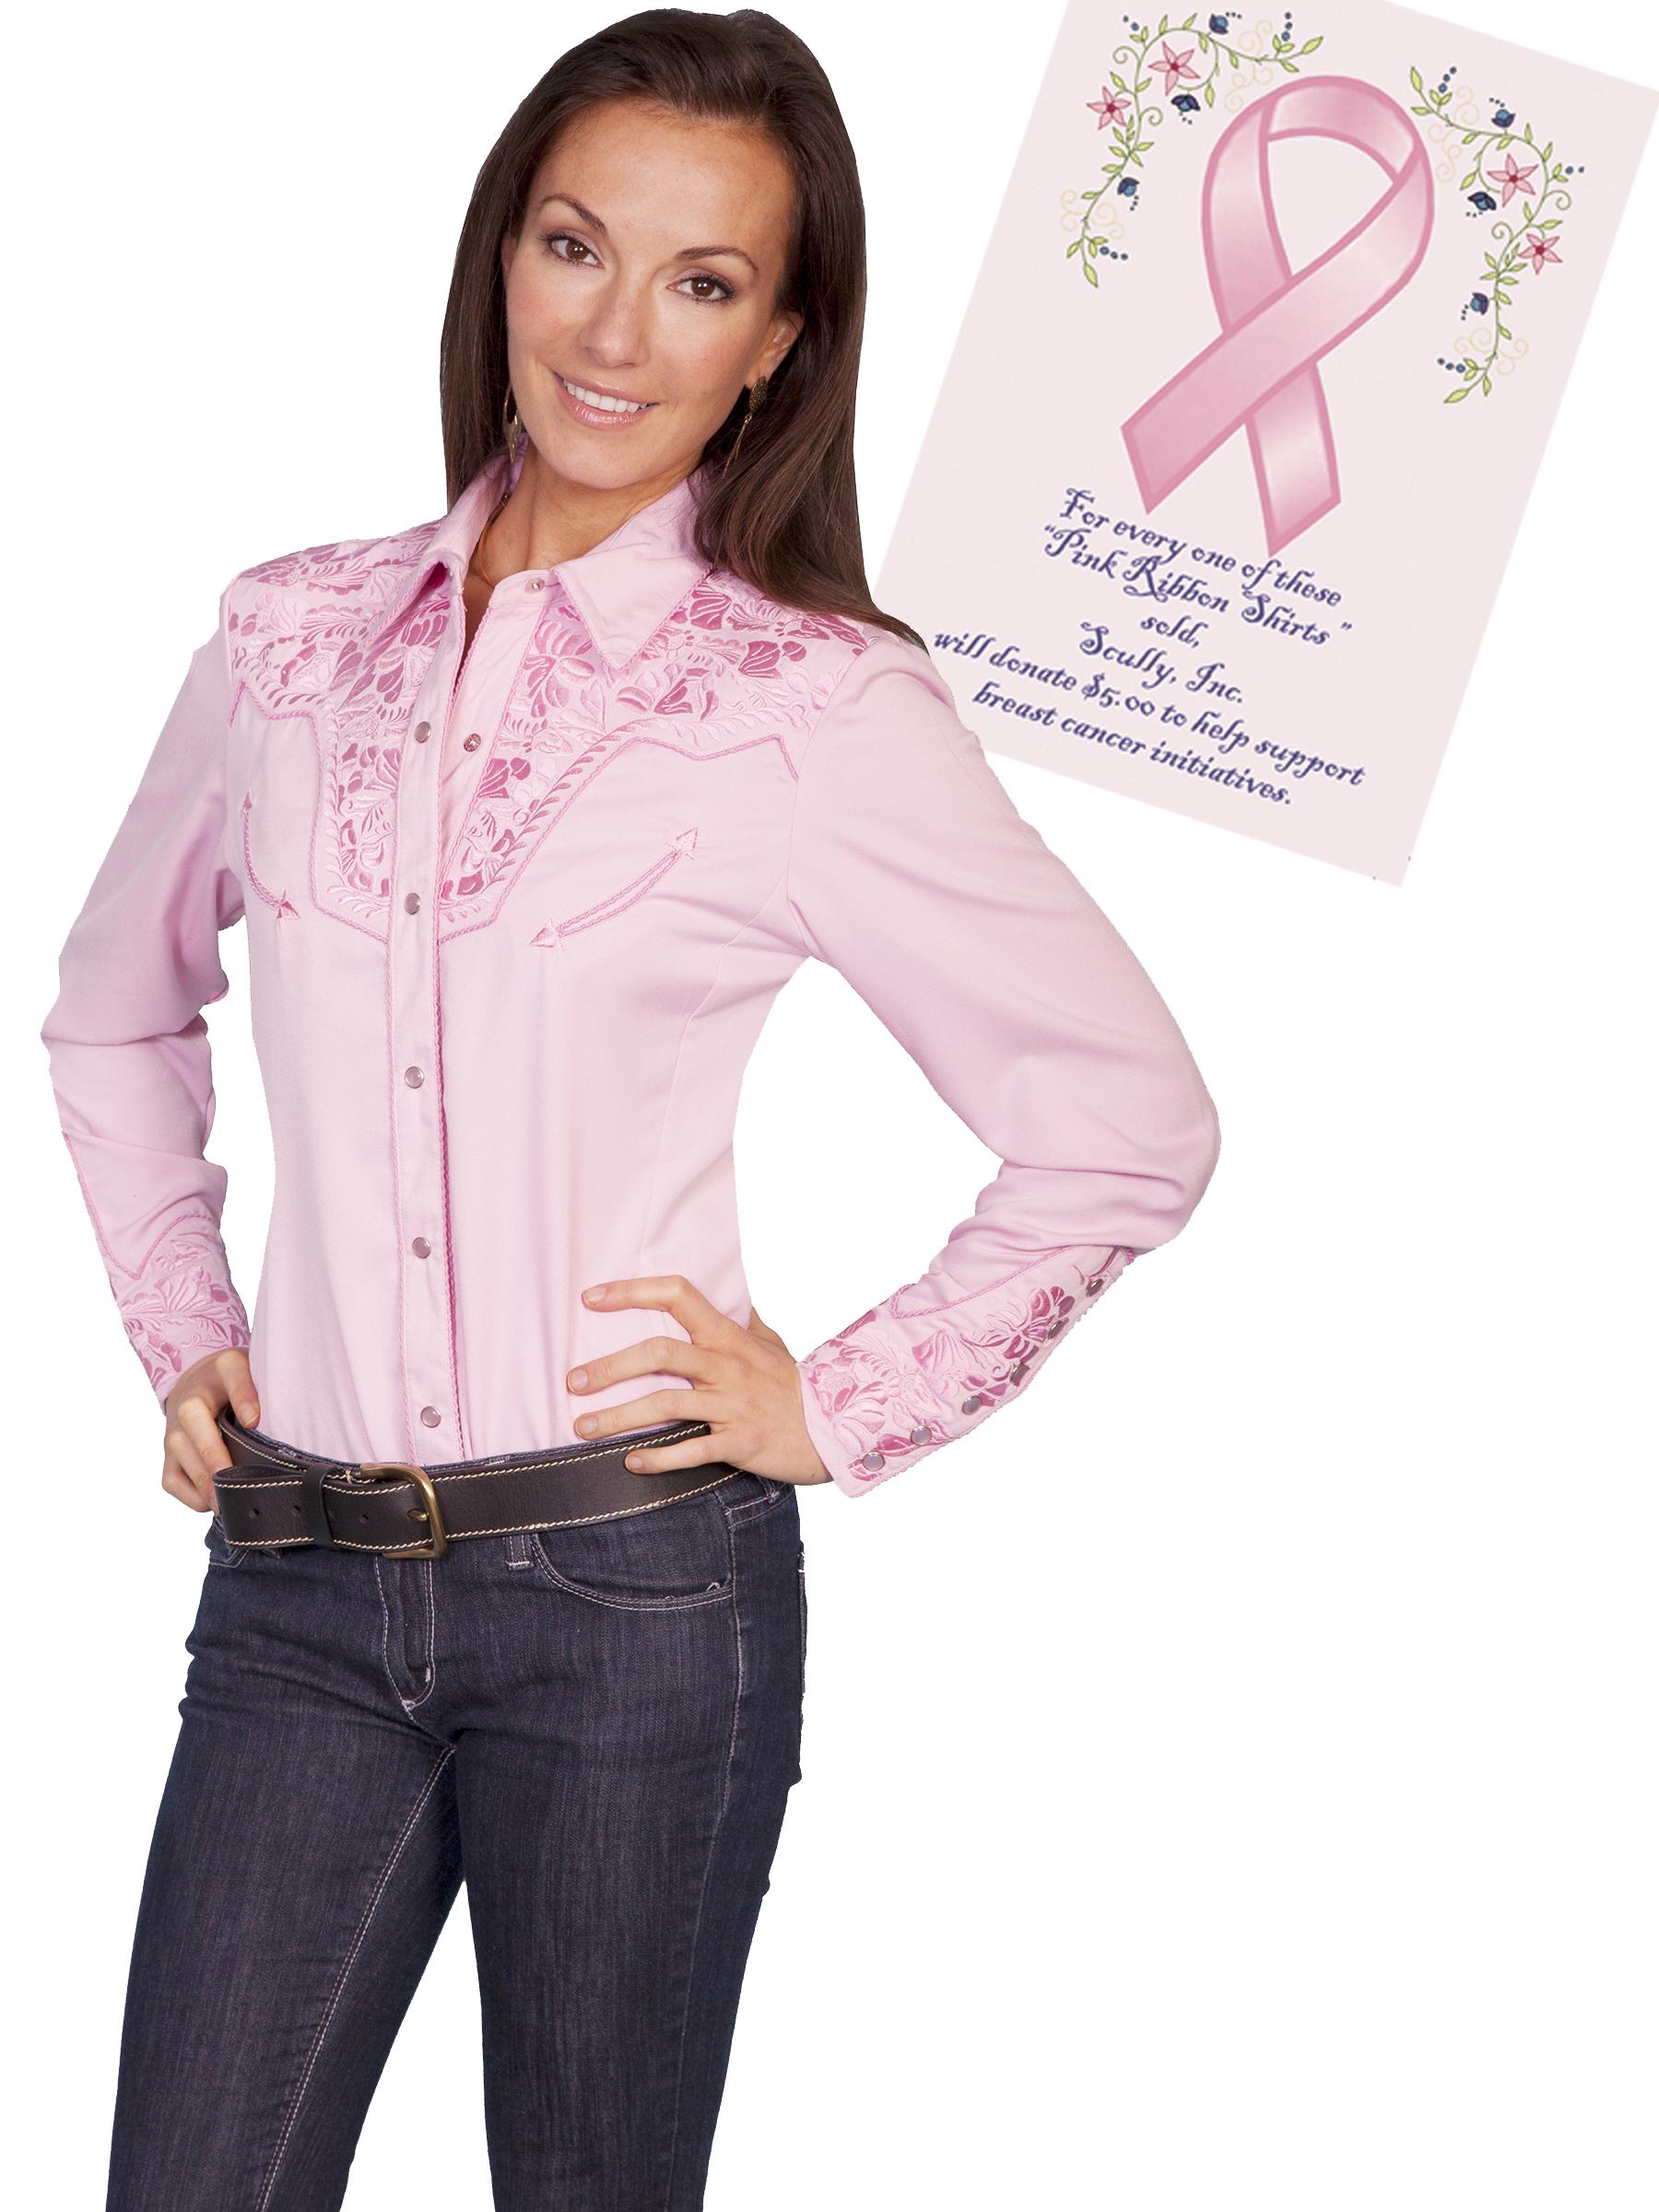 e12d258ba18 Scully Women s Gunfighter-PINK Western Shirt